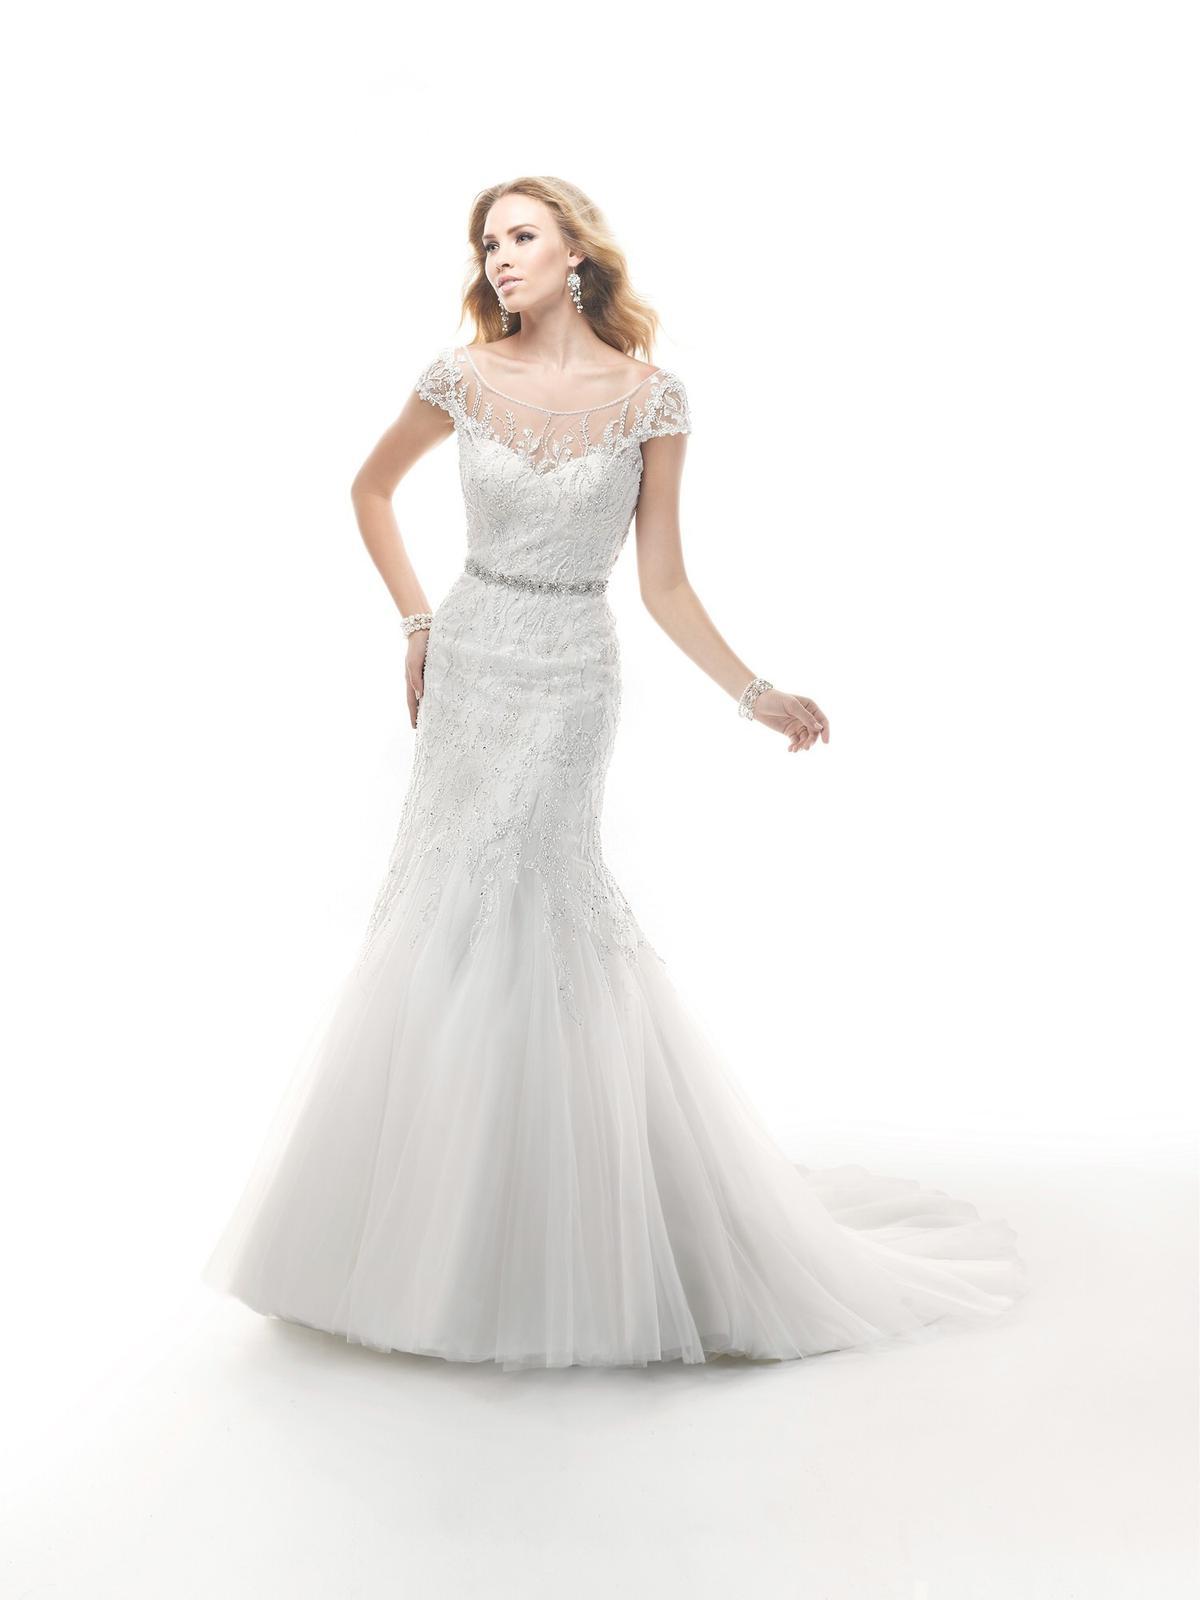 Prodej / Pronájem svatebních šatů  - Obrázek č. 2